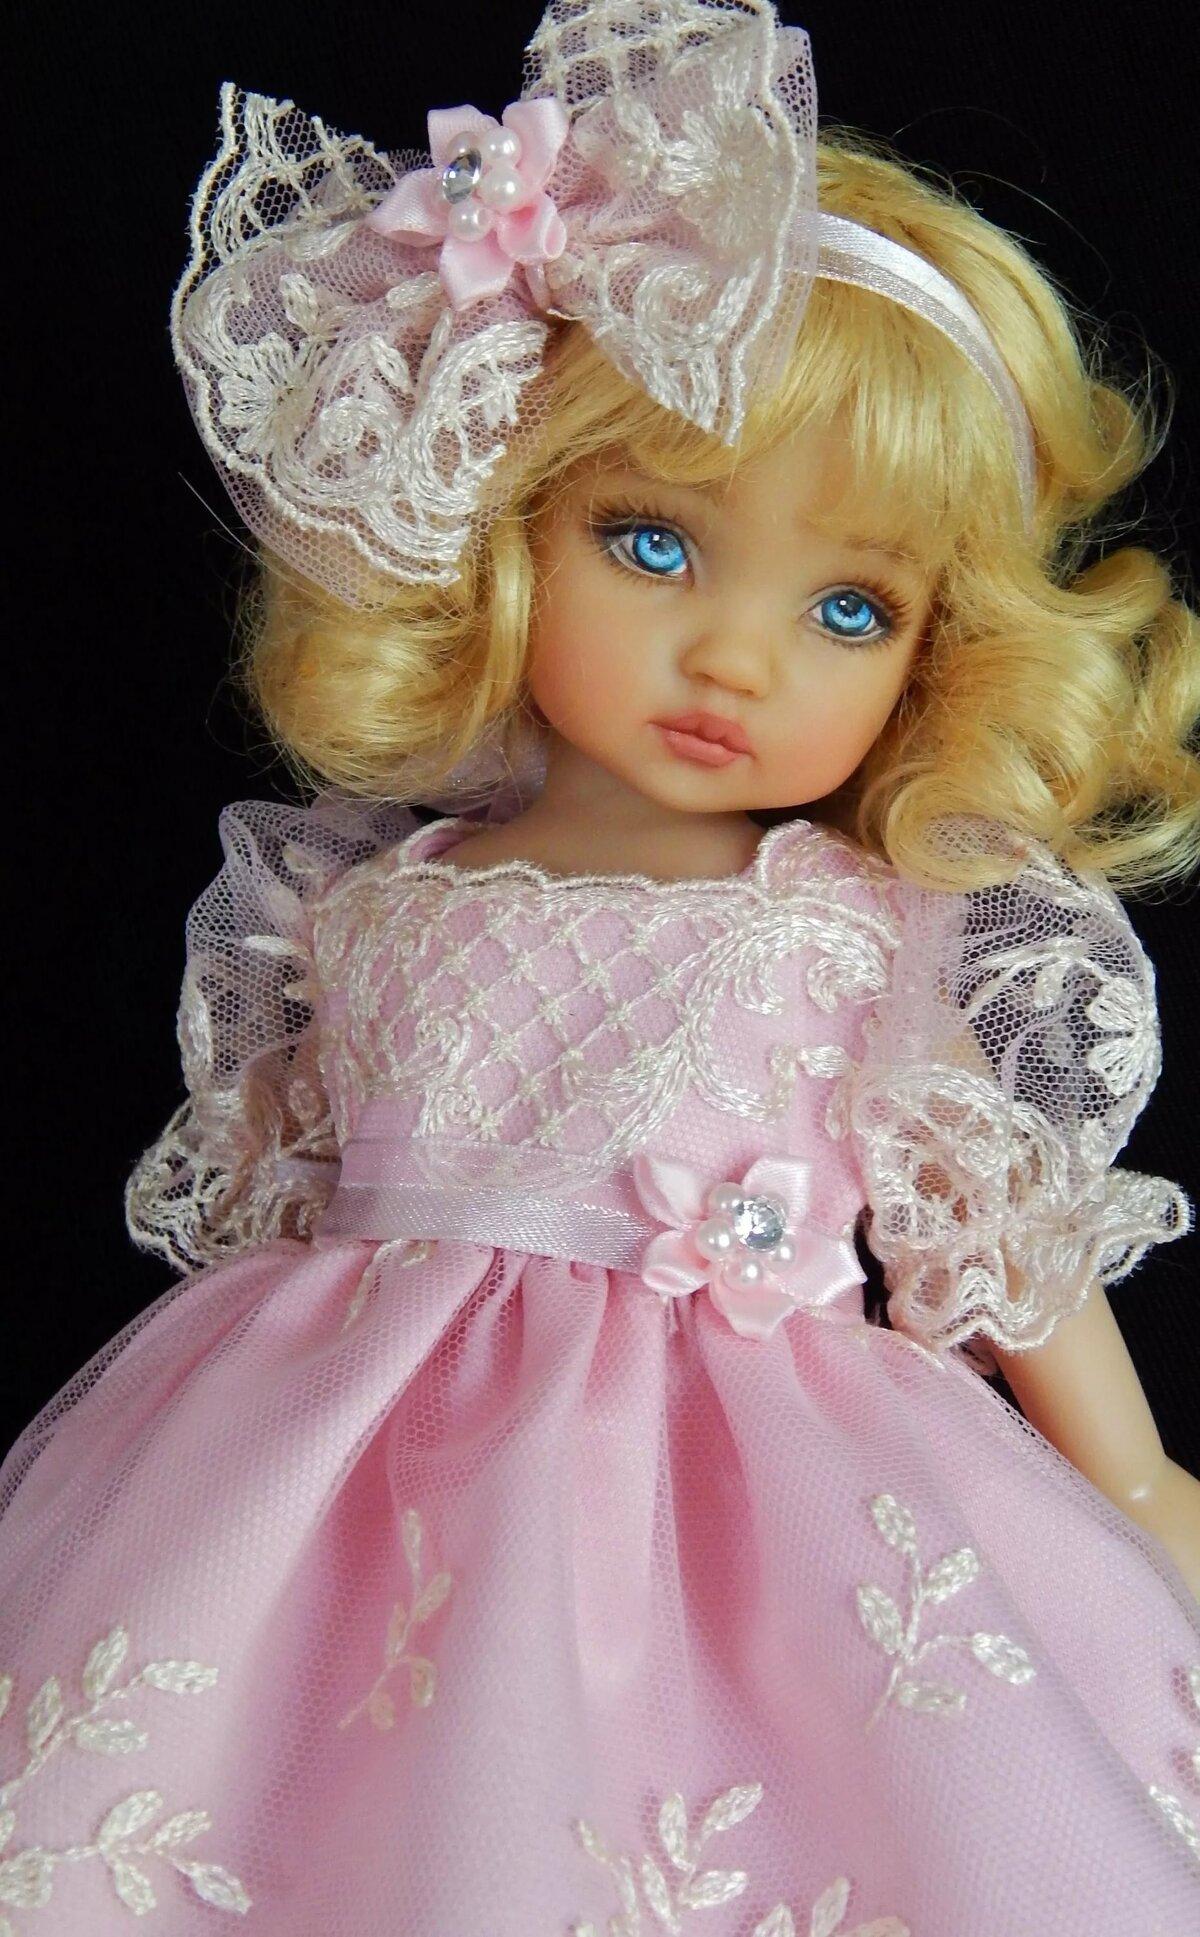 что фото одежда для кукол в винтажном стиле хорошо